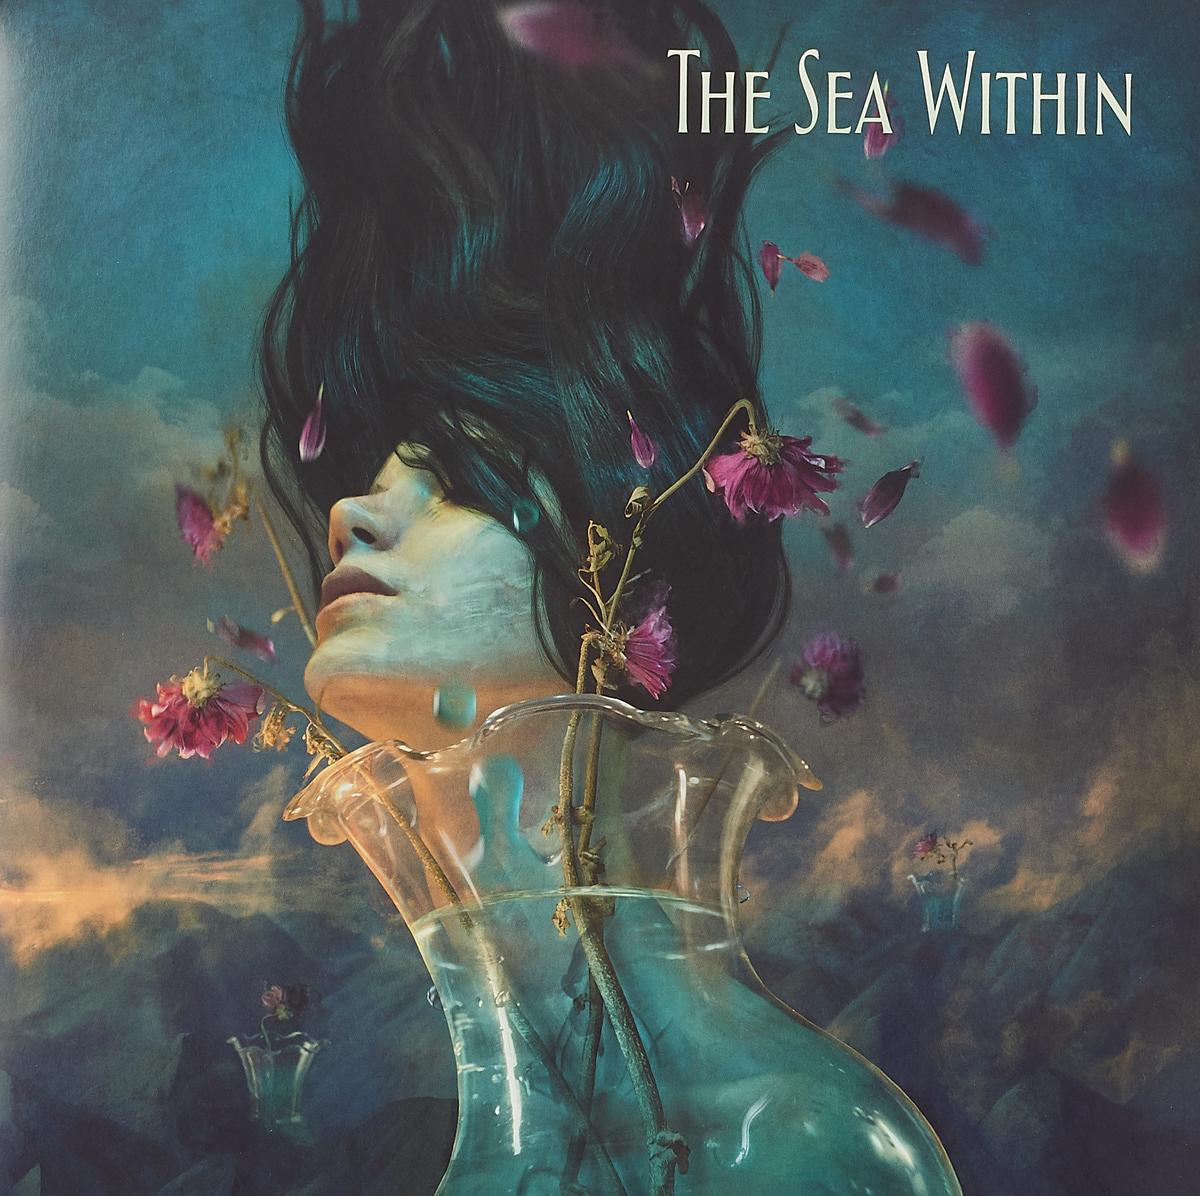 The Sea Within The Sea Within. The Sea Within (2 LP + 2 CD) sea